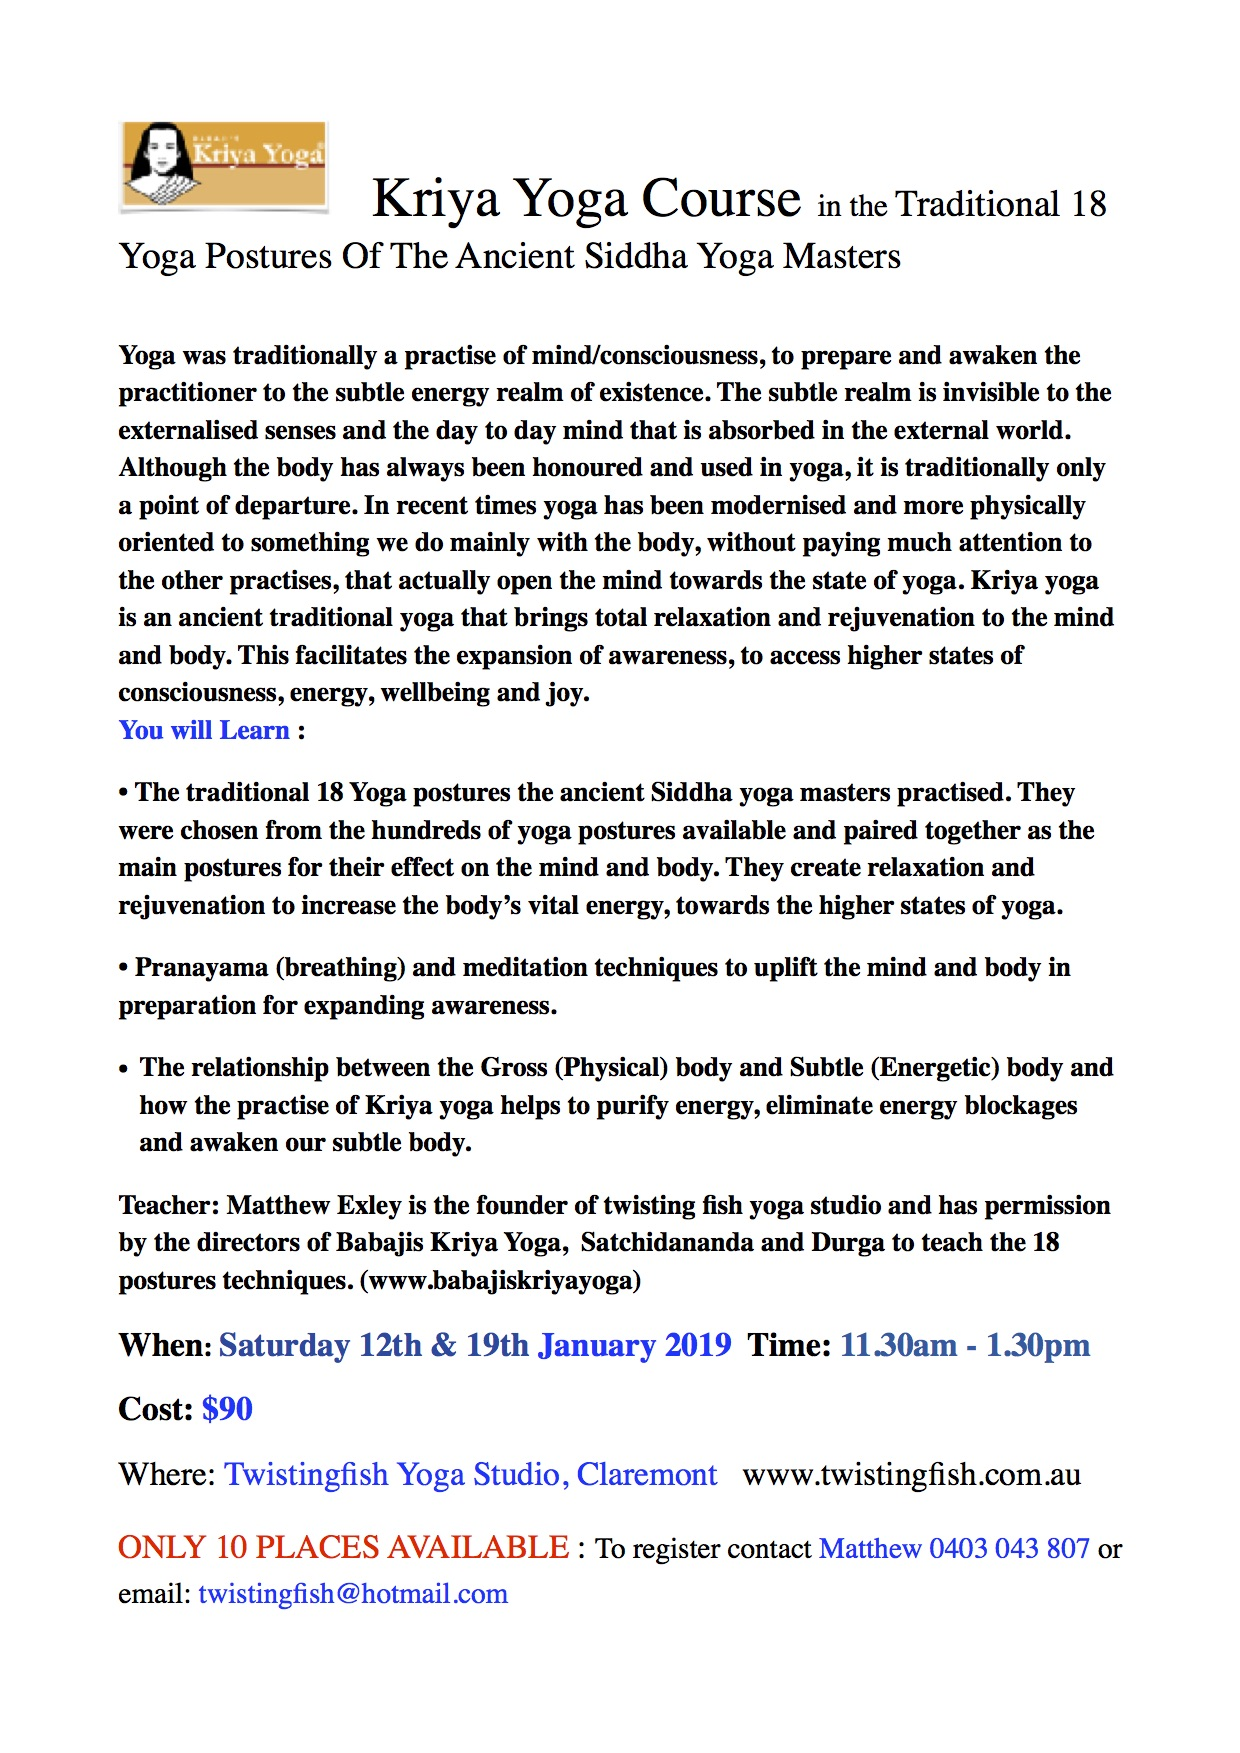 Kriya Flyer Jan 2019 Course JPEG.jpg